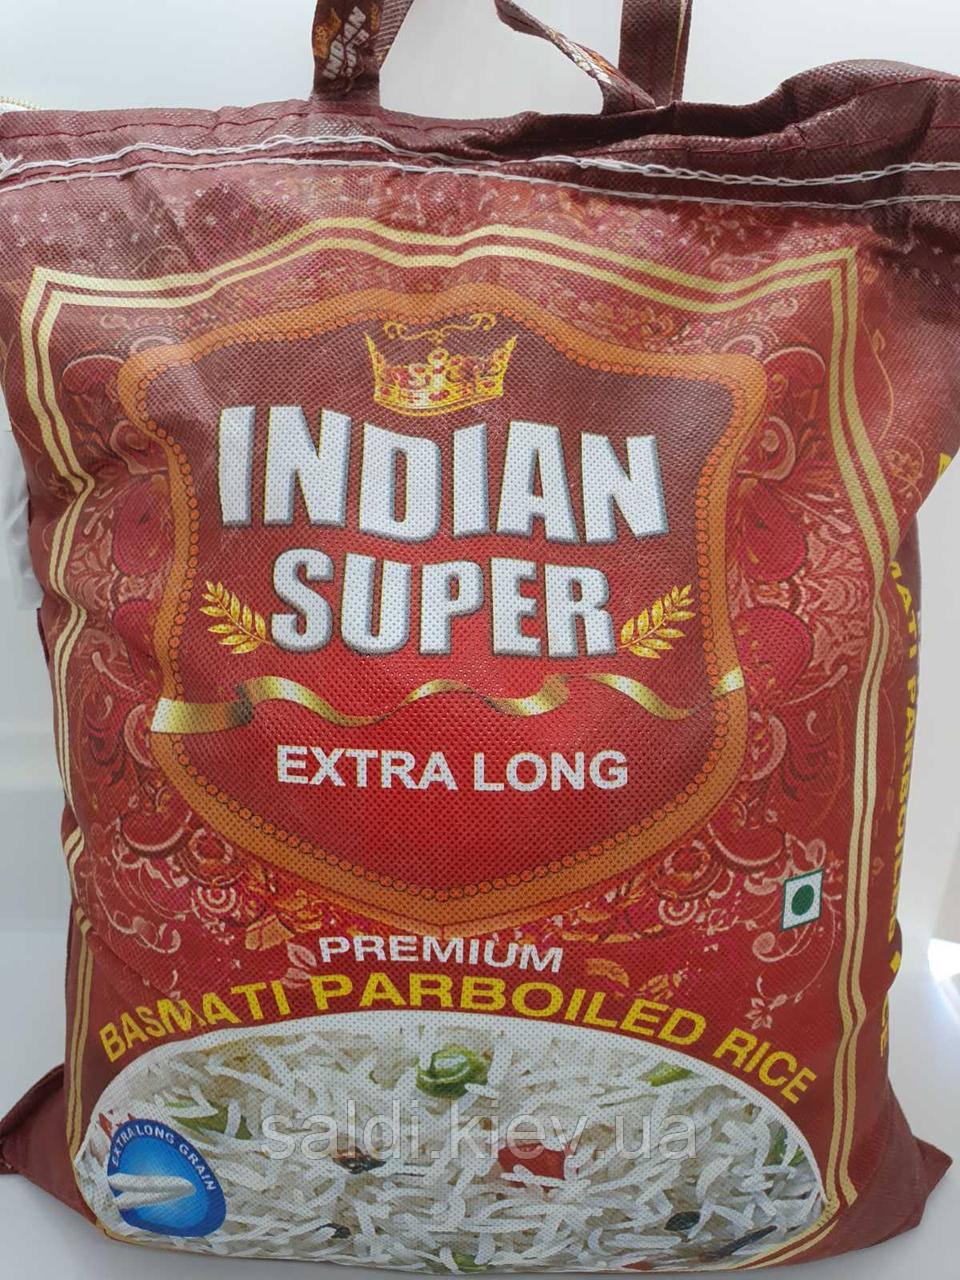 Рис басмати пропаренный Indian Super Extra Long 1 кг